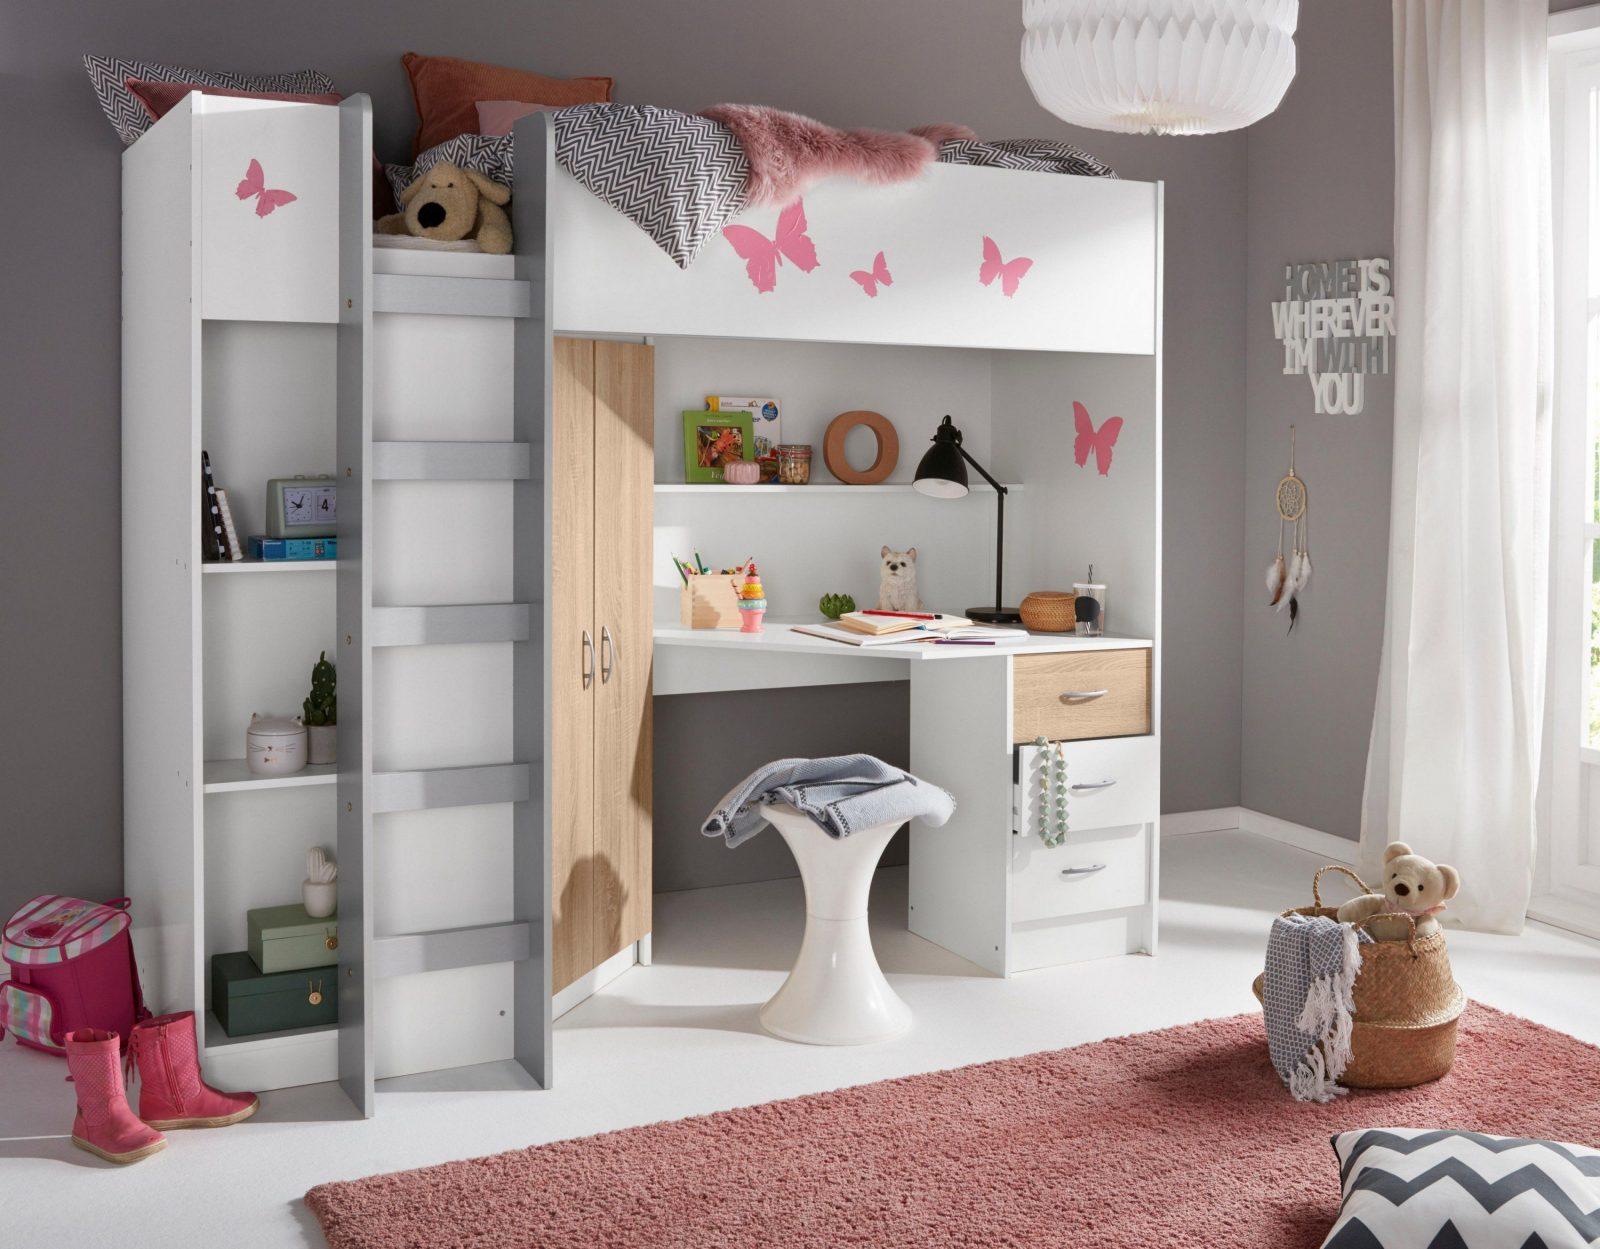 Ikea Hochbett Metall Mit Schreibtisch Aufbauanleitung  Beste von Ikea Hochbett Mit Schreibtisch Und Schrank Bild